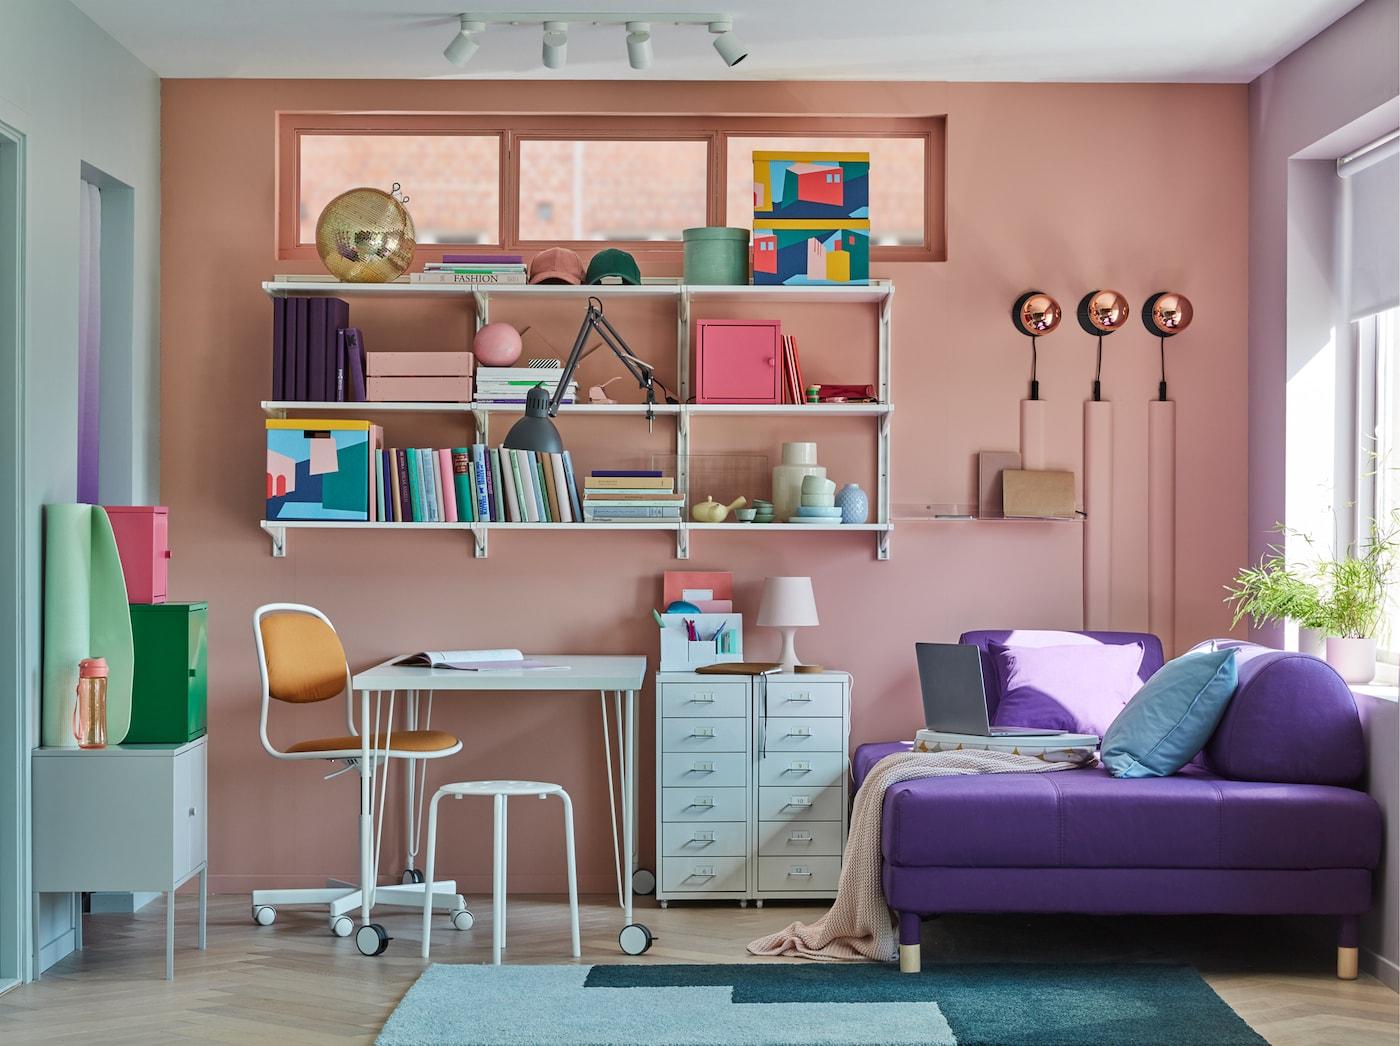 ホワイトのキャスター付きLINNMON/リンモン&KRILLE/クリレ テーブル、ウォールシェルフ、収納キャビネット、ソファベッドがコーディネートされた小さなホームオフィス。